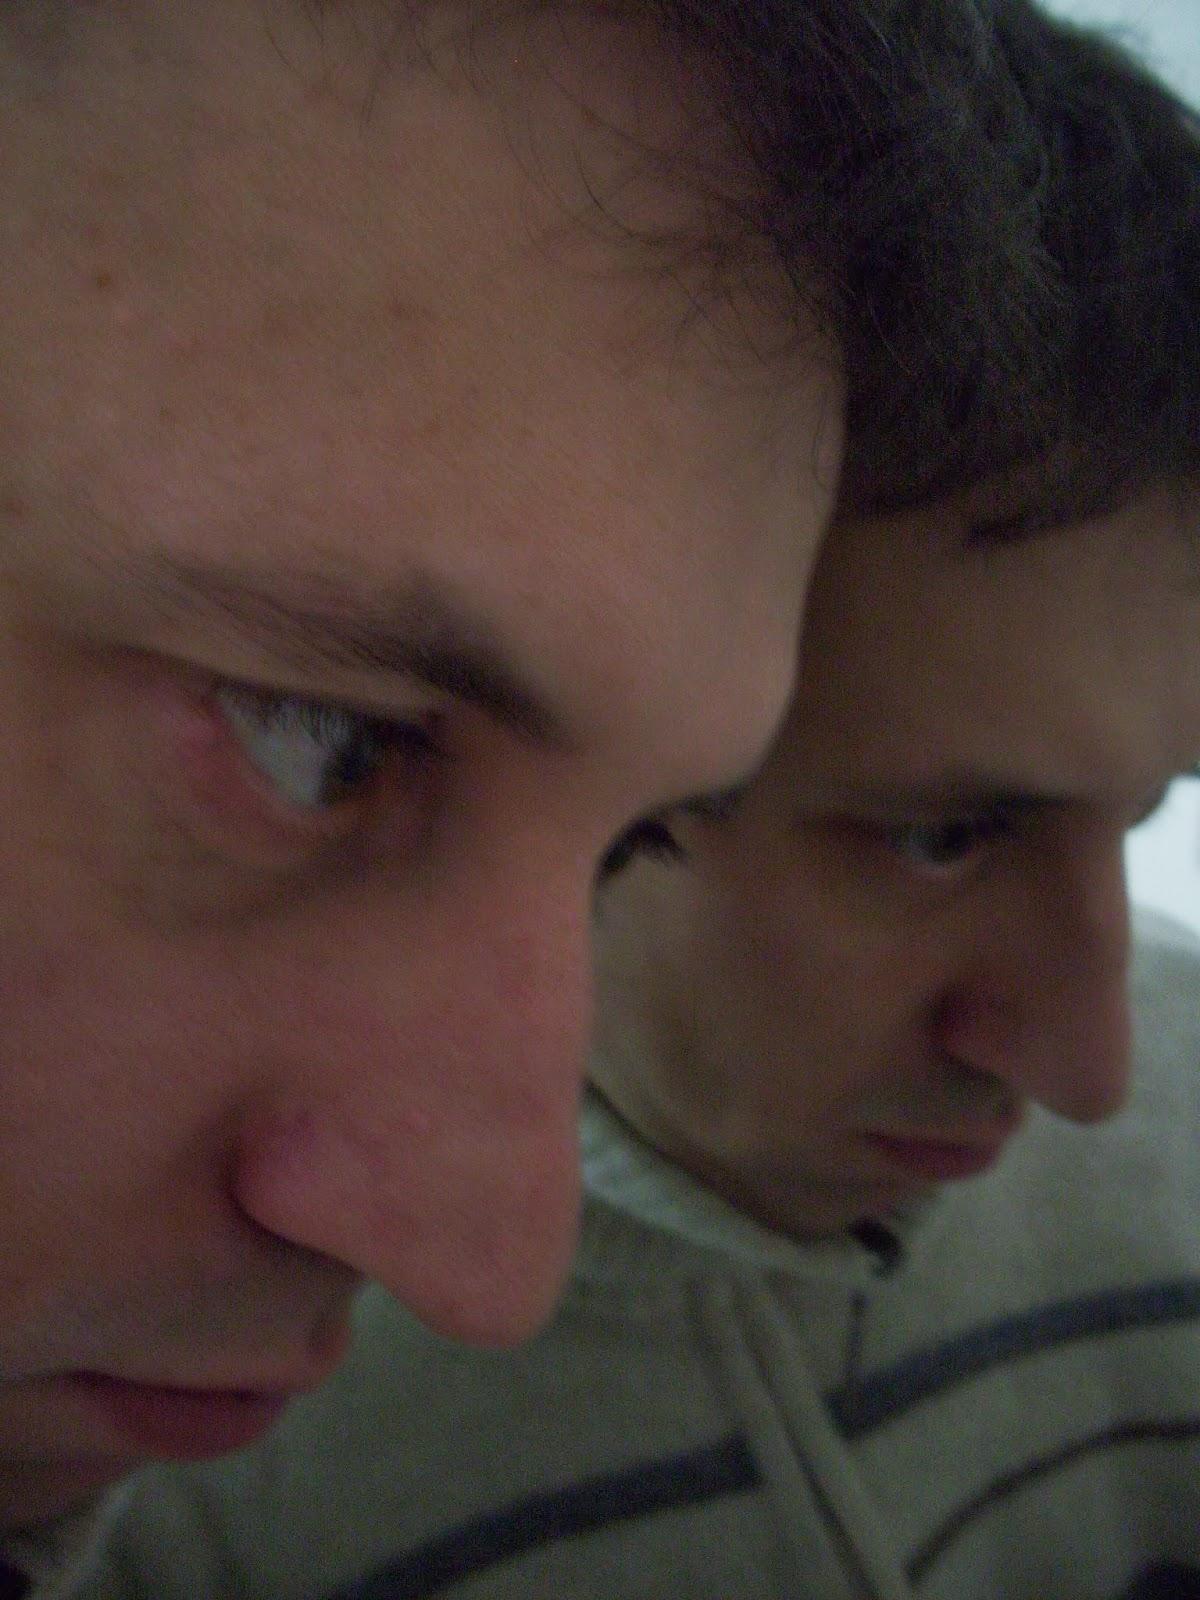 Foto che ritrae il mio profilo accanto a uno specchio che mostra l'altro lato del viso